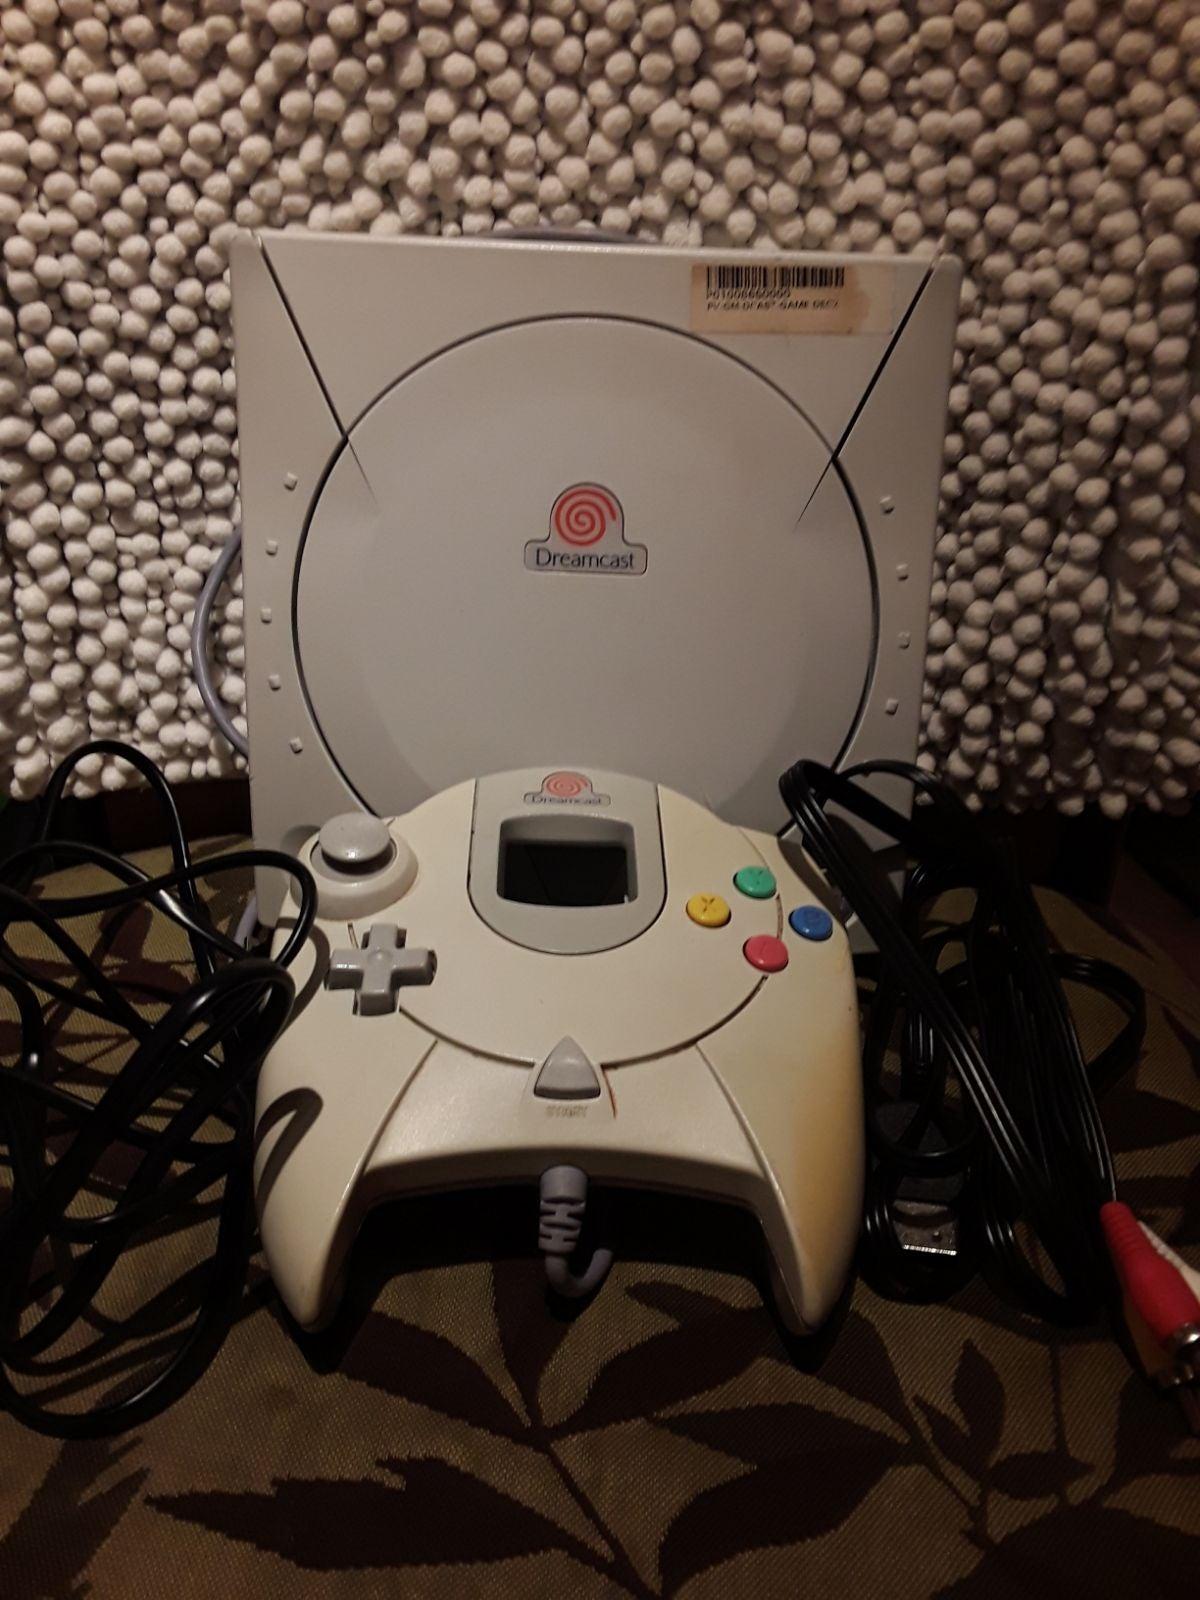 Sega dreamcast (read description)